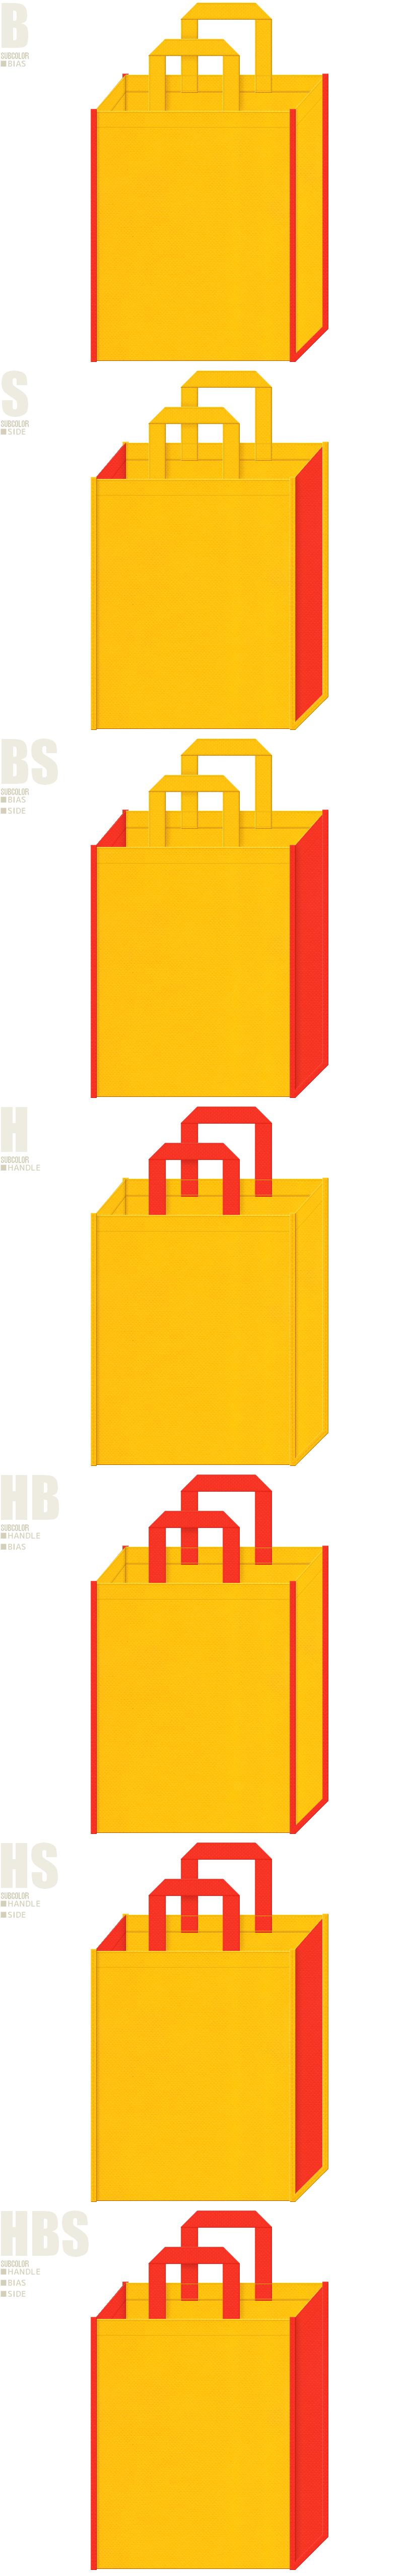 エネルギー・サプリメント・ビタミン・柑橘類・調味料・サラダ油・キッチン・フライヤー・ランチバッグ・お料理教室・キッチン用品・おもちゃ・テーマパーク・通園バッグ・キッズイベントにお奨めの不織布バッグデザイン:黄色とオレンジ色の配色7パターン。